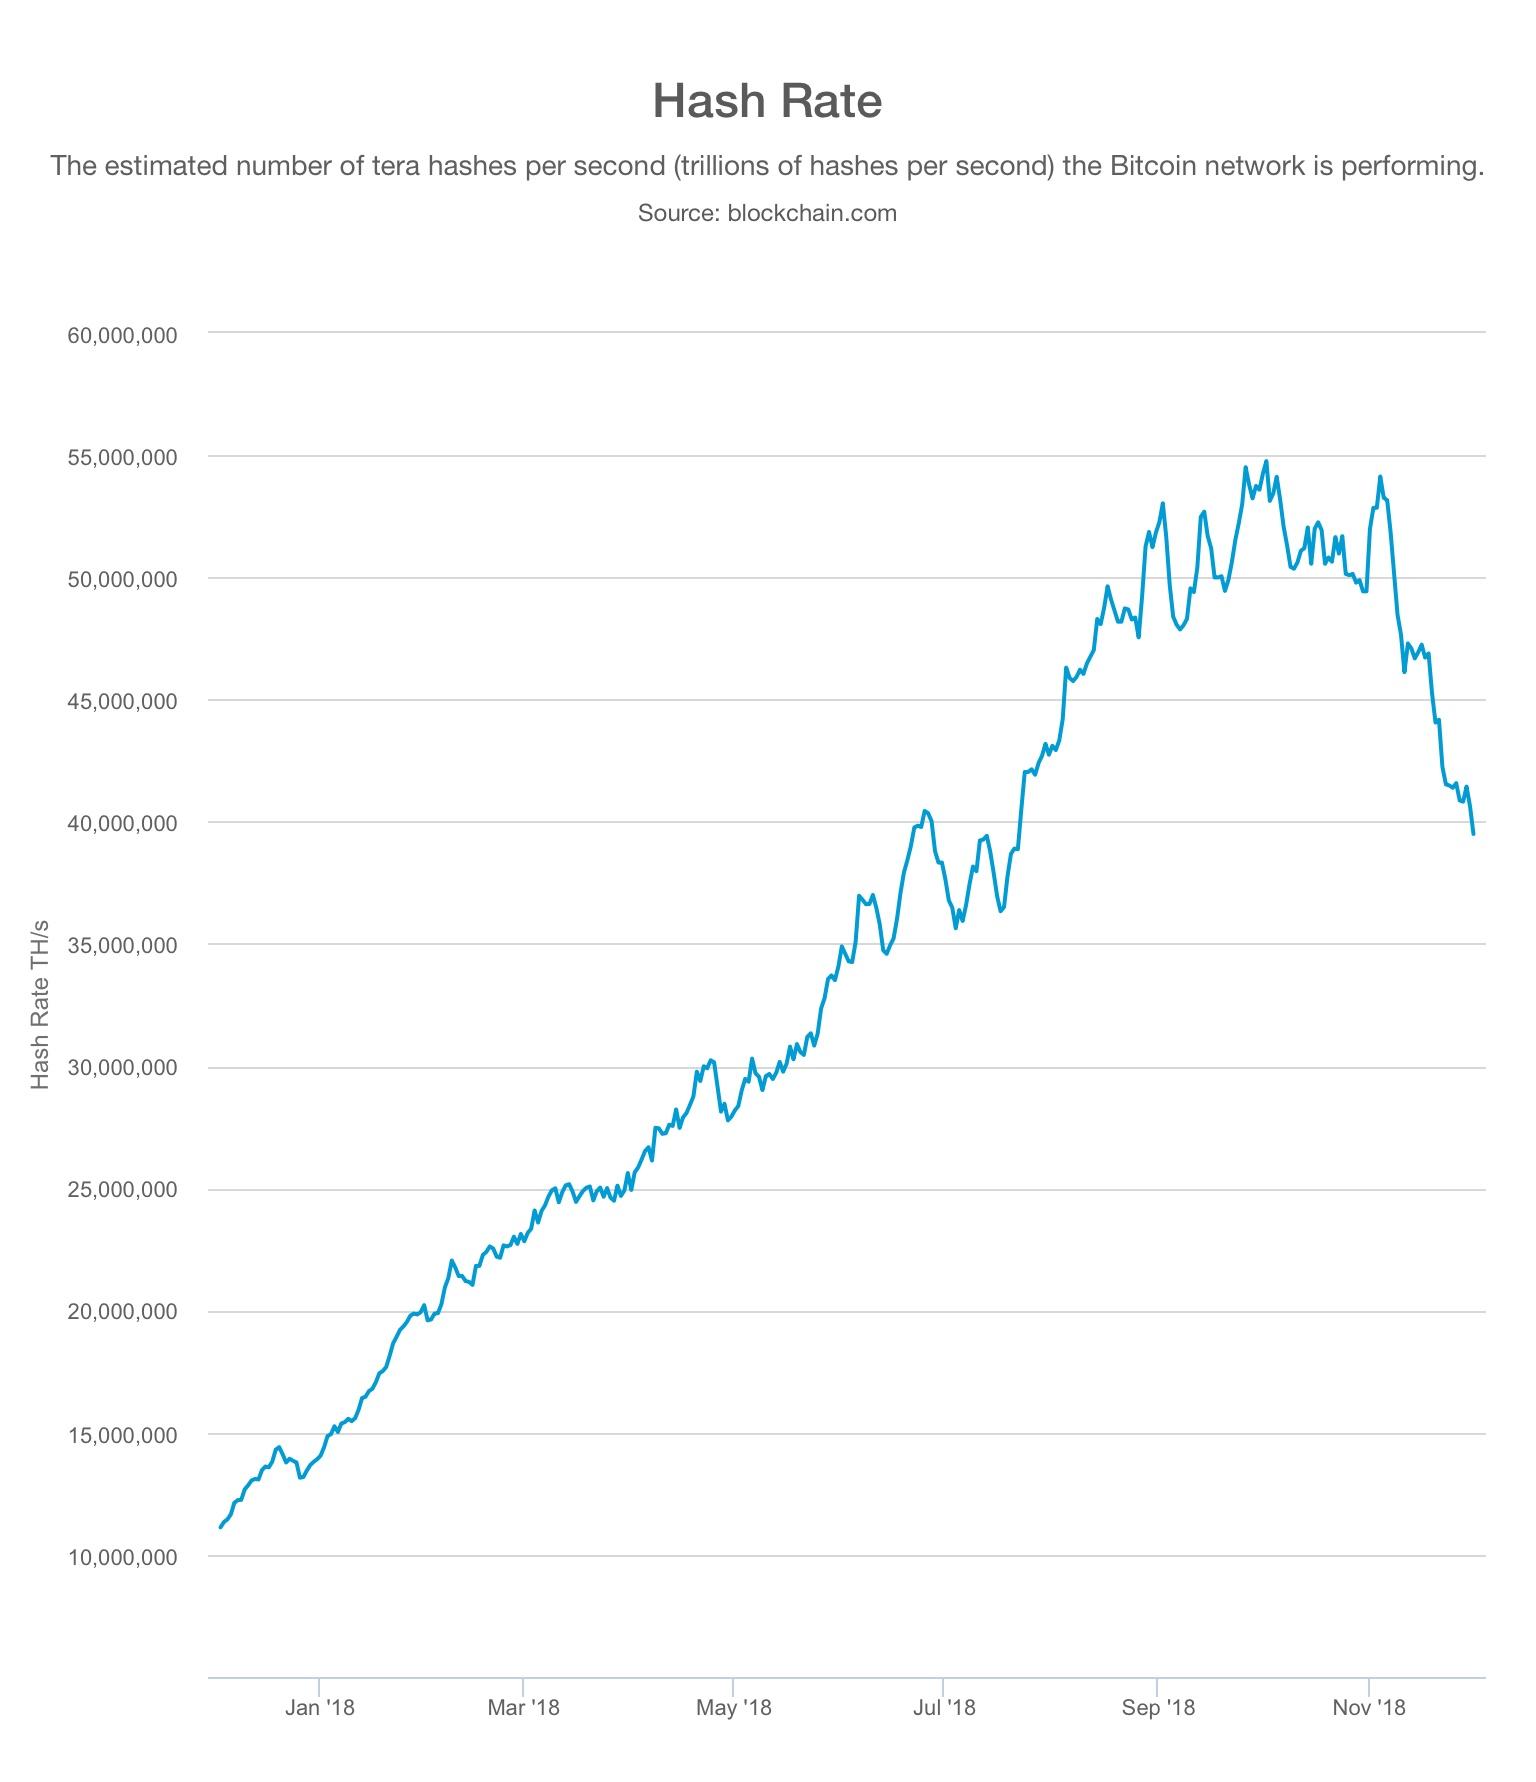 закат индустрии майнинга - BTC hash rate